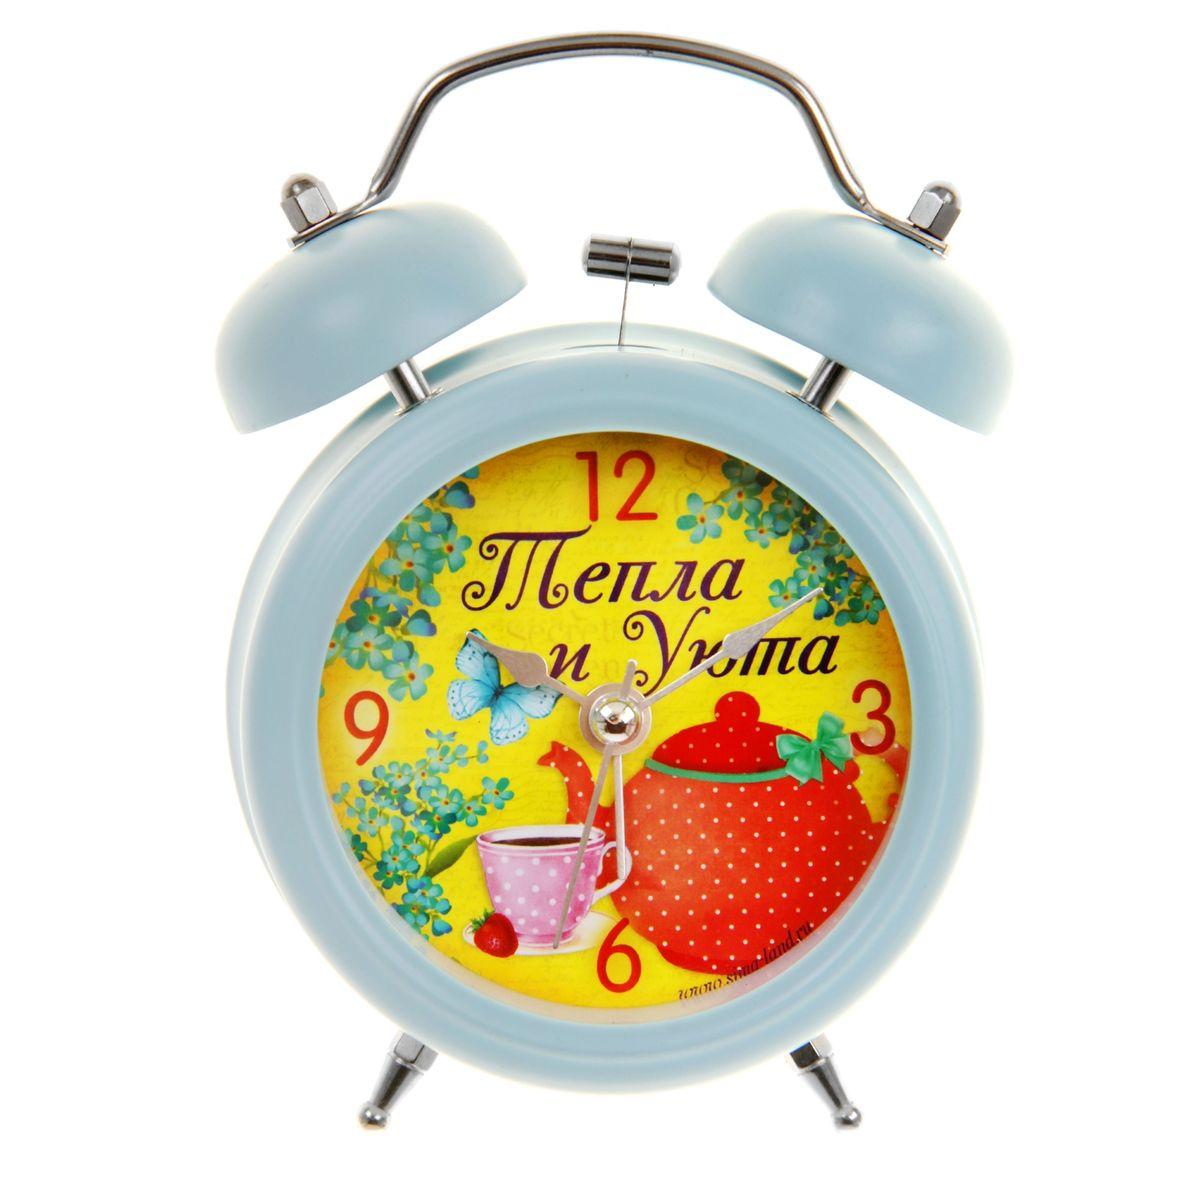 Часы-будильник Sima-land Тепла и уютаAJ3400/12Как же сложно иногда вставать вовремя! Всегда так хочется поспать еще хотя бы 5 минут и бывает, что мы просыпаем. Теперь этого не случится! Яркий, оригинальный будильник Sima-land Тепла и уюта поможет вам всегда вставать в нужное время и успевать везде и всюду. Будильник украсит вашу комнату и приведет в восхищение друзей. Время показывает точно и будит в установленный час.На задней панели будильника расположены переключатель включения/выключения механизма, а также два колесика для настройки текущего времени и времени звонка будильника. Также будильник оснащен кнопкой, при нажатии и удержании которой, подсвечивается циферблат. Будильник работает от 1 батарейки типа AA напряжением 1,5V (не входит в комплект).